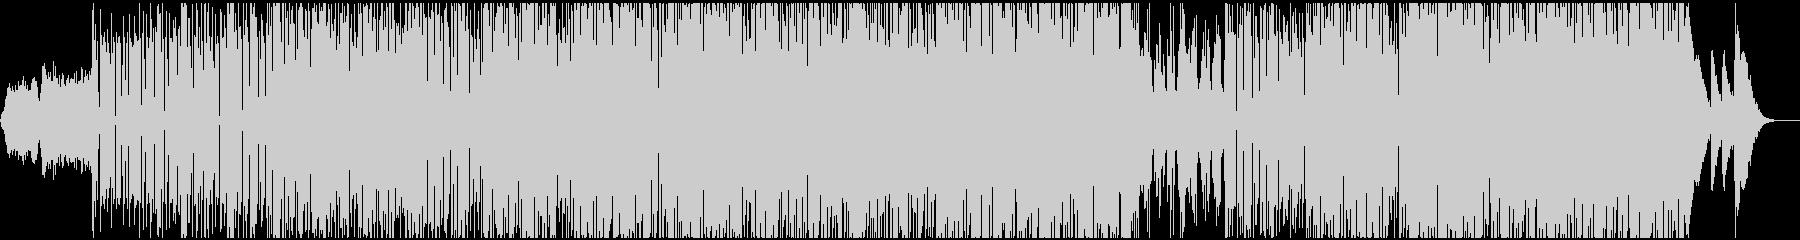 ミッドテンポのステディなリズムのテクノの未再生の波形